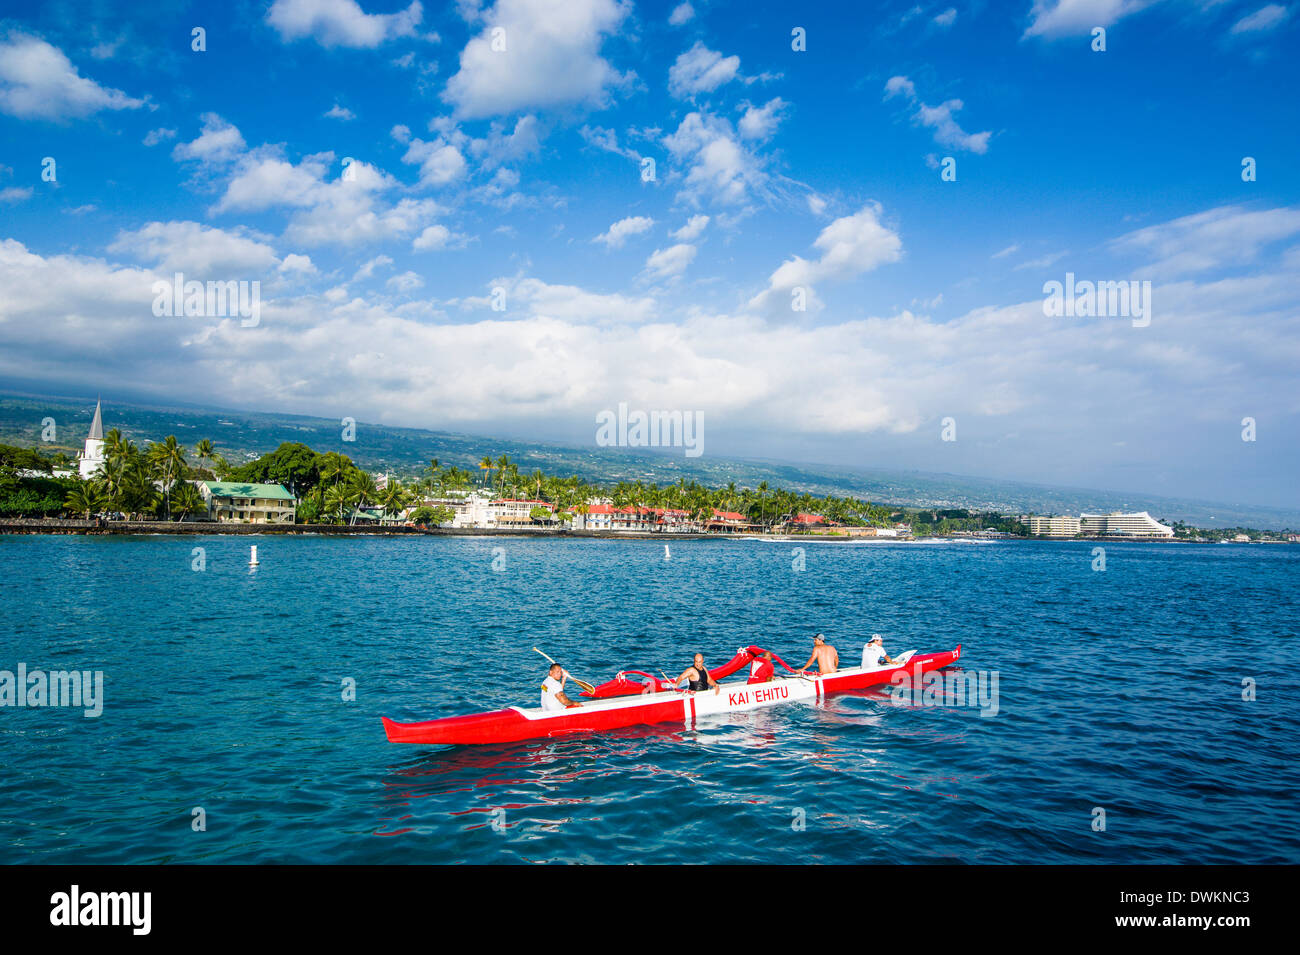 Les habitants travaillent dans leurs pirogues, Kailua-Kona, Big Island, Hawaii, États-Unis d'Amérique, du Pacifique Photo Stock